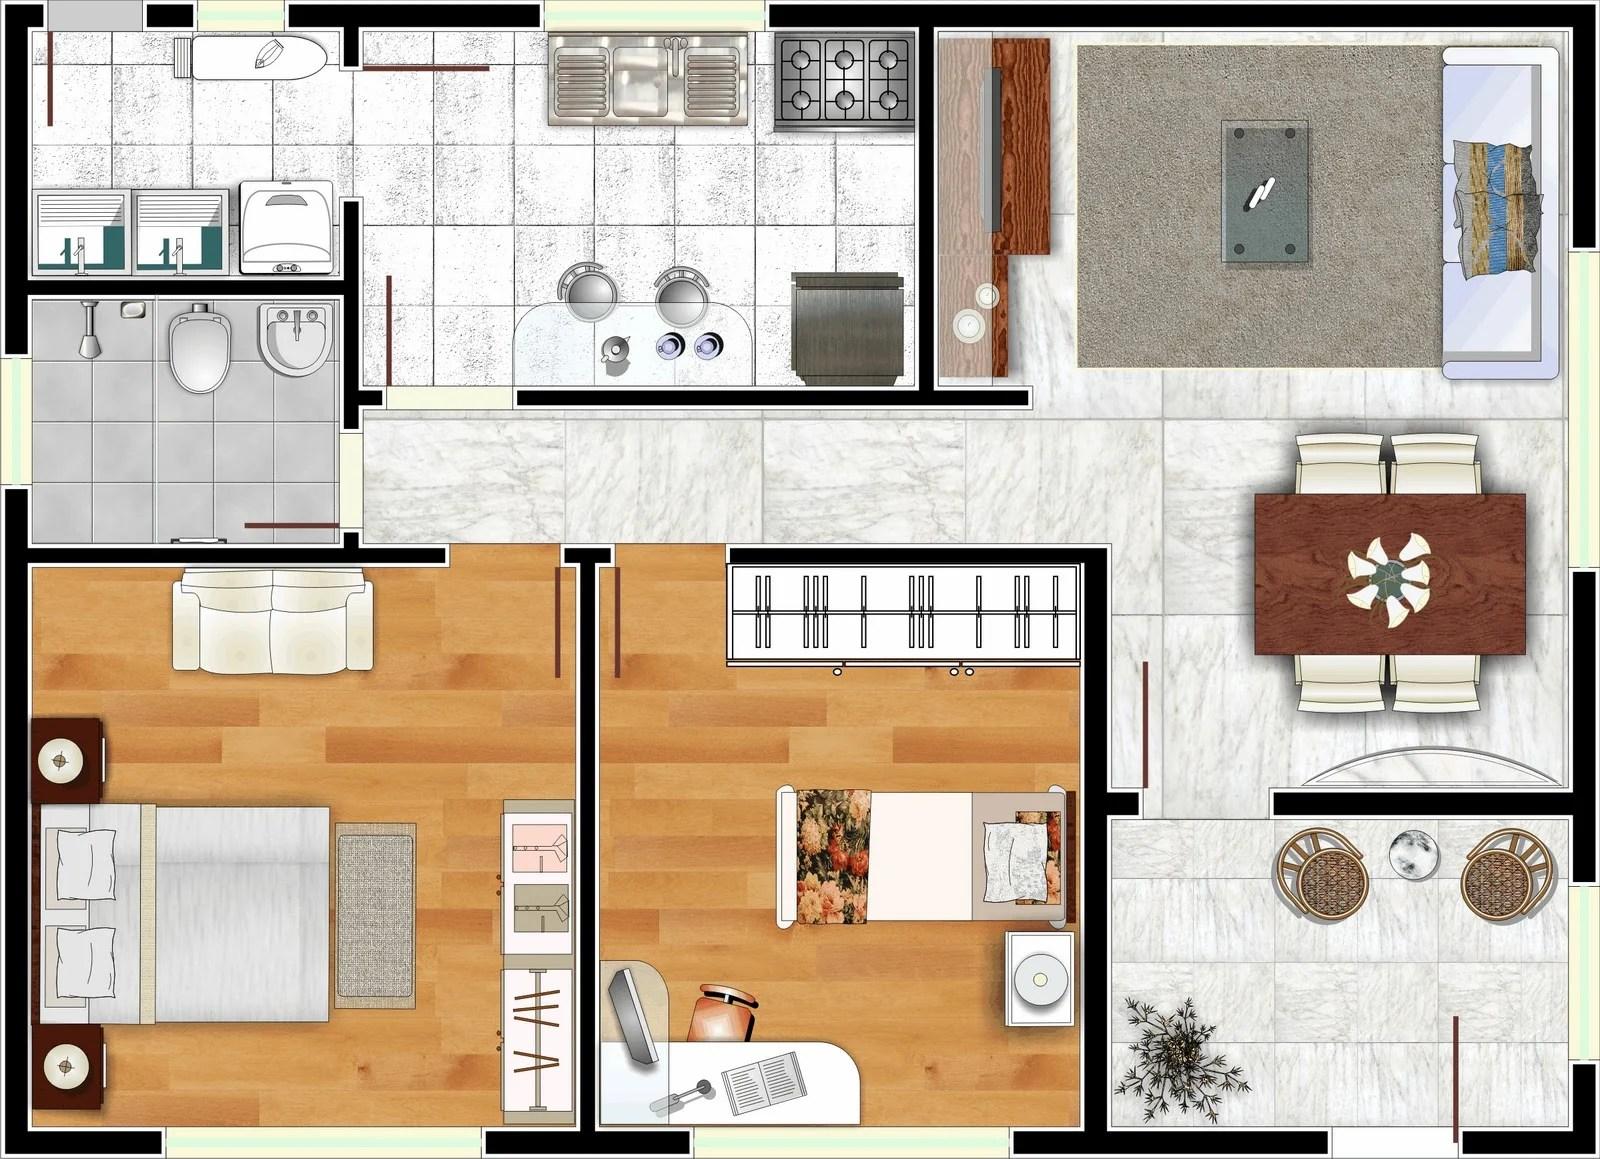 Planta de casa de dois quartos com piso de madeira.